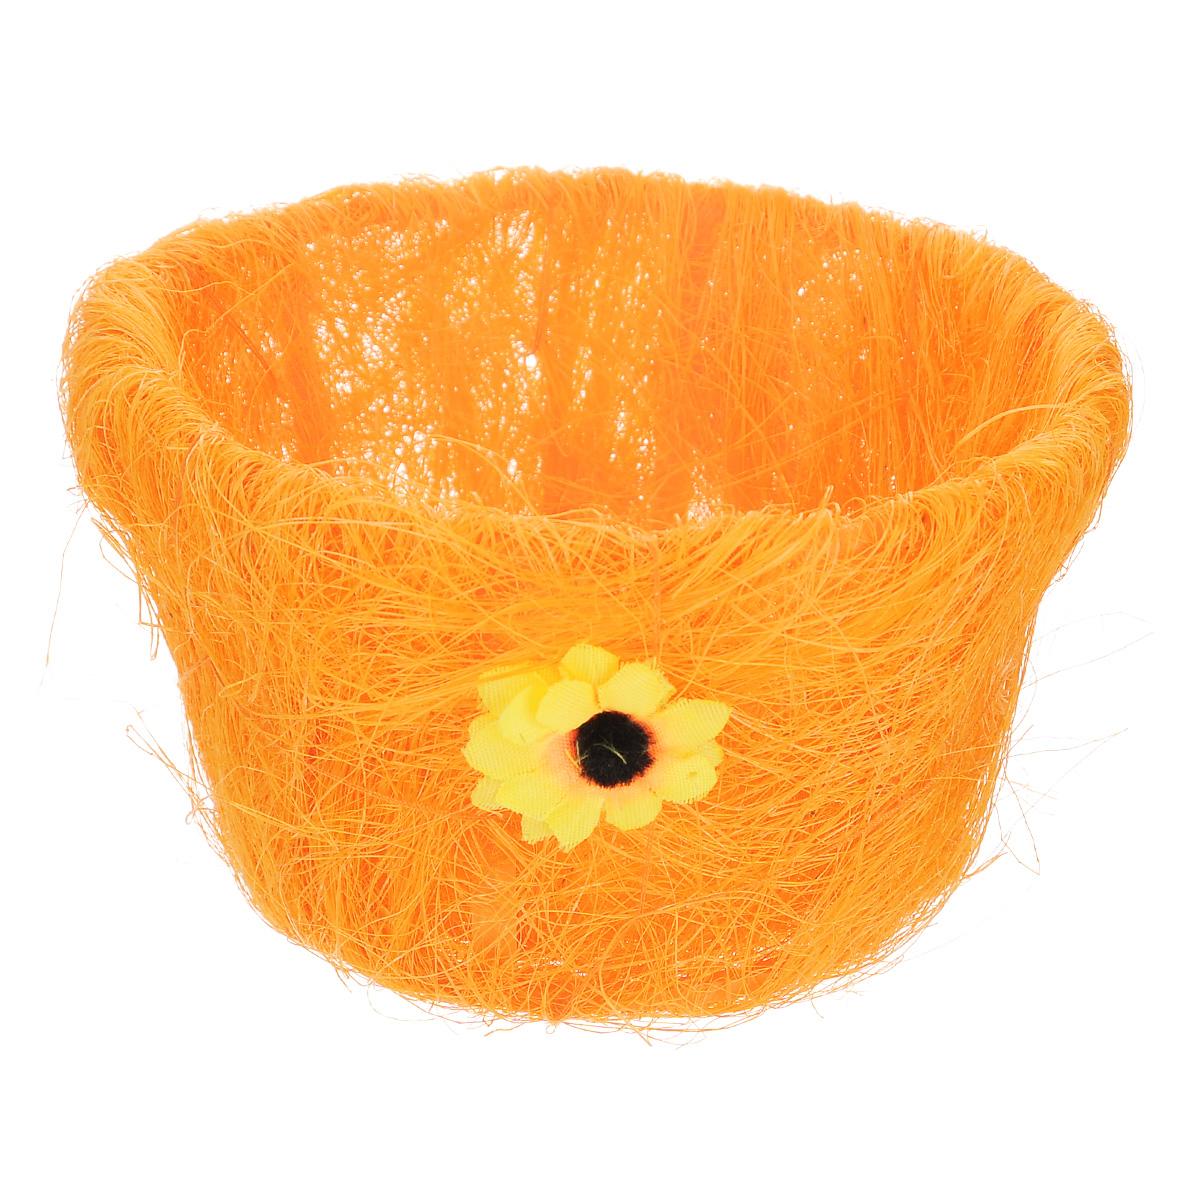 Корзина декоративная Home Queen Полевые цветы, цвет: оранжевый, 15,5 х 9 см66819_3Декоративная корзина Home Queen Полевые цветы предназначена для хранения различных мелочей и аксессуаров. Изделие имеет пластиковый каркас, обтянутый нитями из полиэстера. Корзина украшена цветком. Такая корзина станет оригинальным и необычным подарком или украшением интерьера. Размер корзины: 15,5 см х 15,5 см х 9 см. Диаметр дна: 11 см.